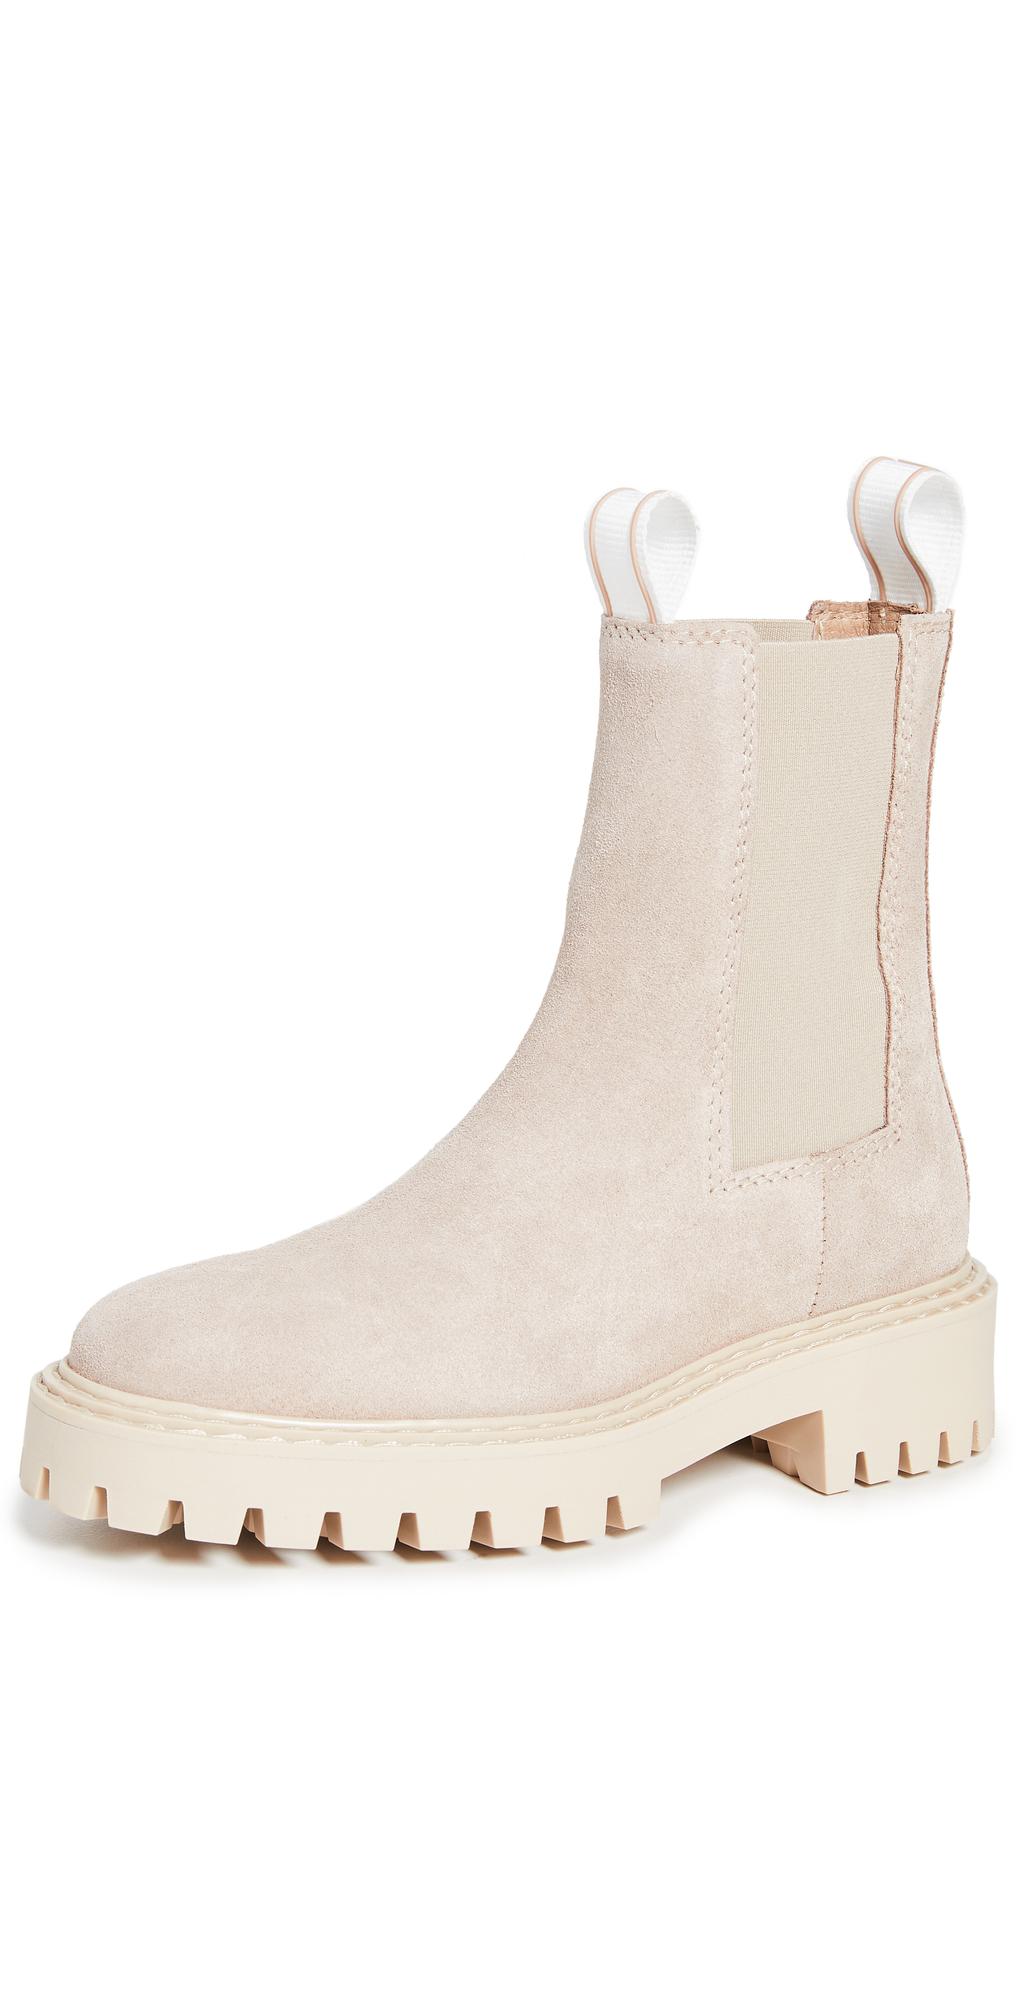 Daze Boots